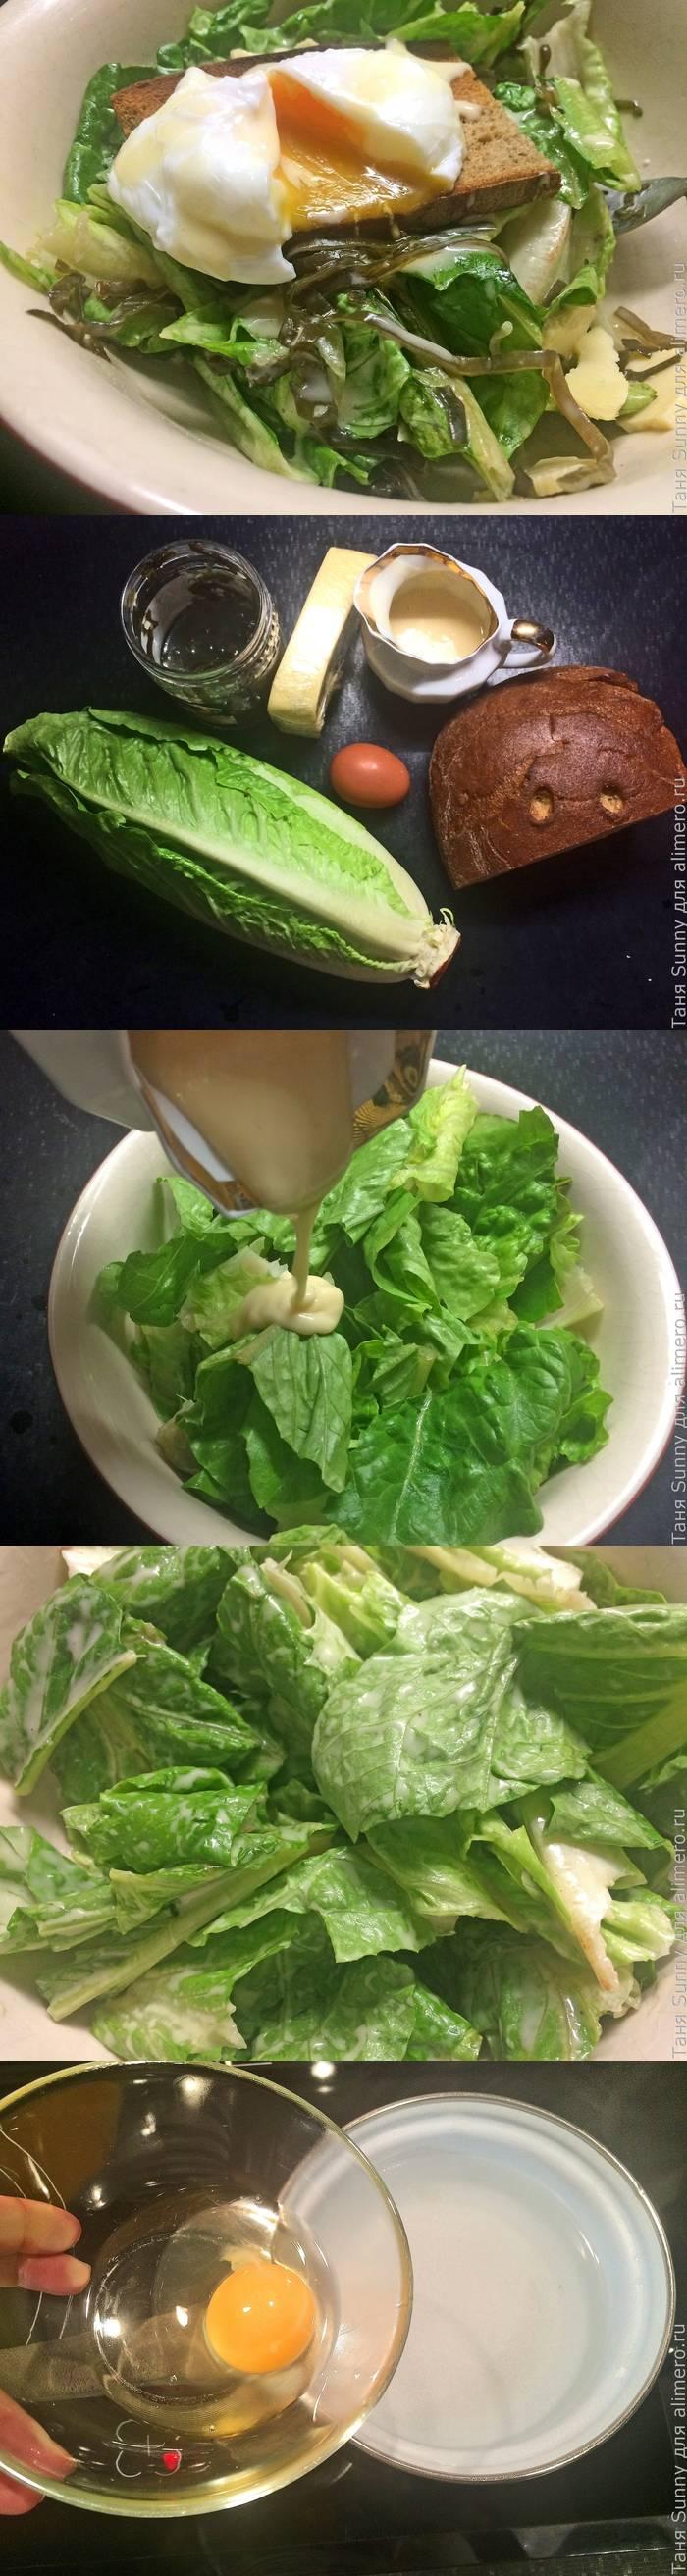 Зелёный салат с шумом моря и яйцом пашот